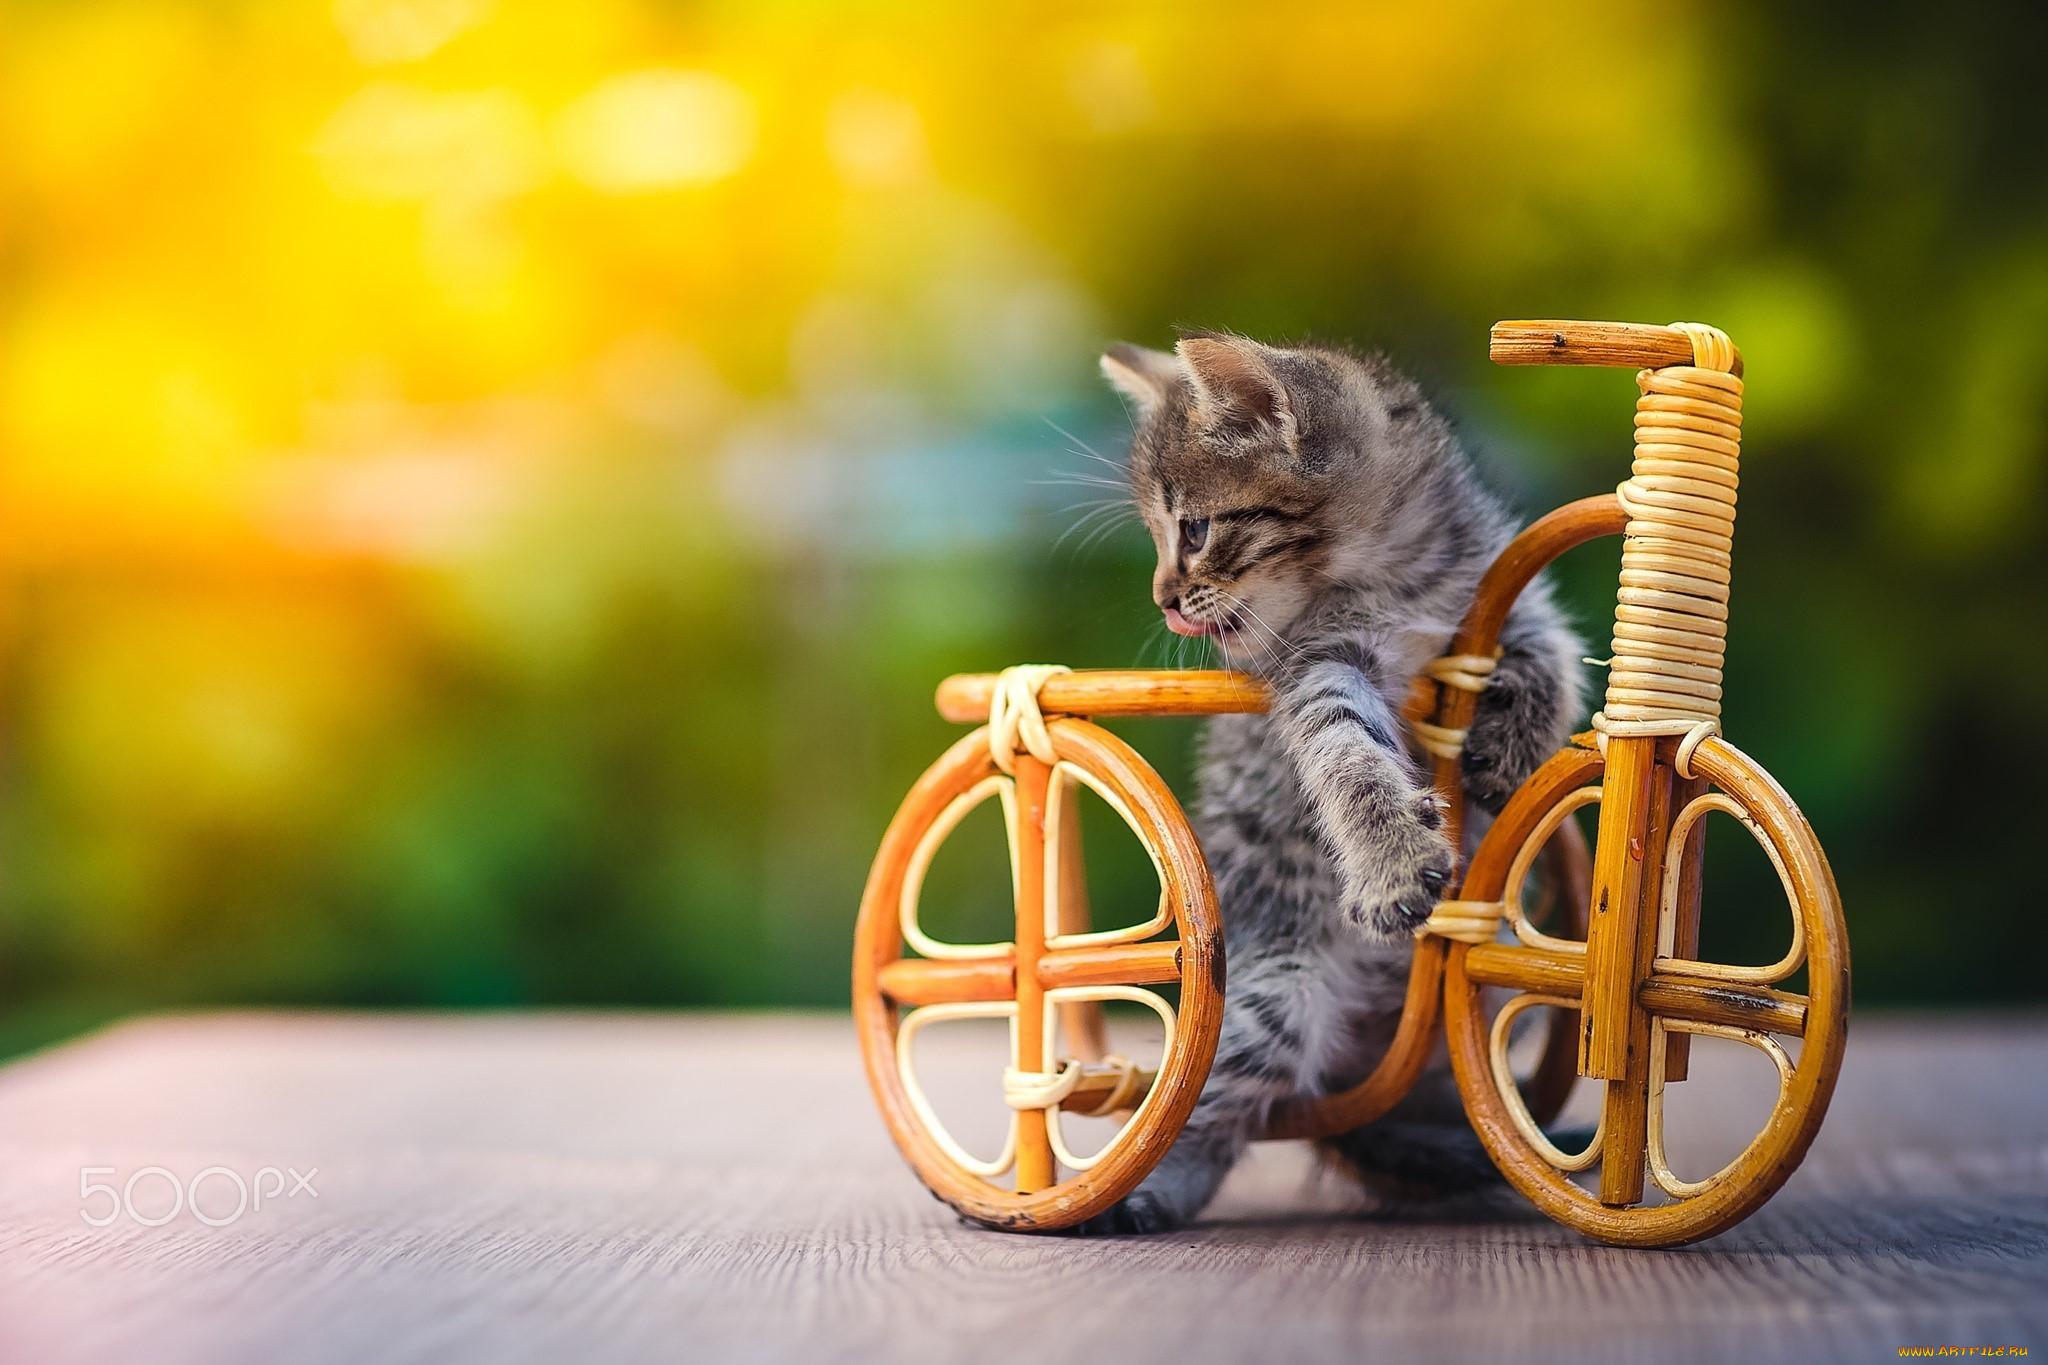 тем менее, картинки котенок на велосипеде вниманию